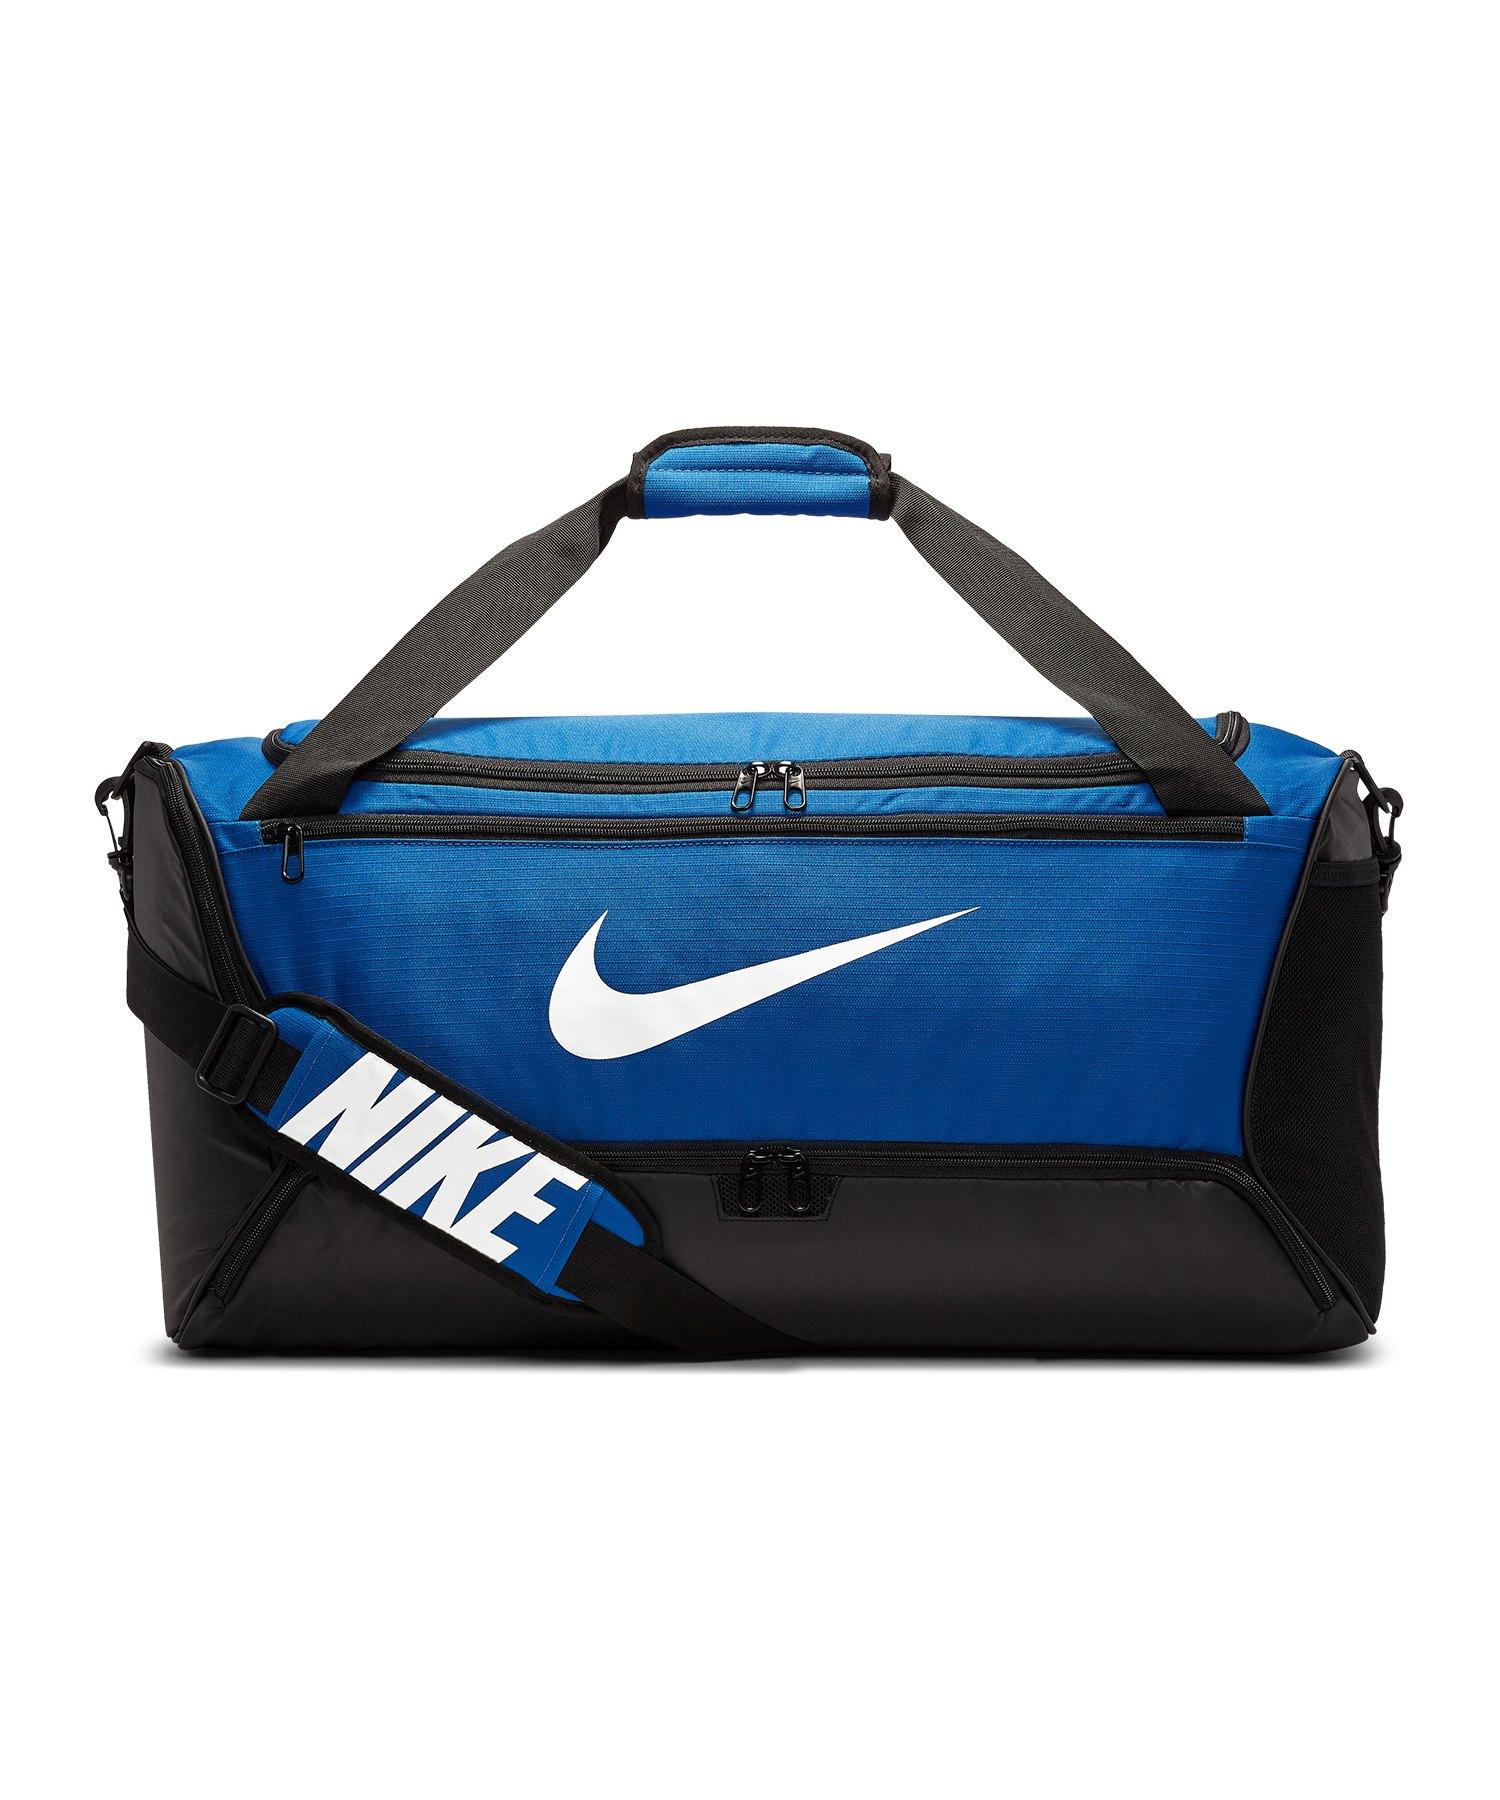 Nike Brasilia Duffel Bag Tasche Medium Blau F480 - blau